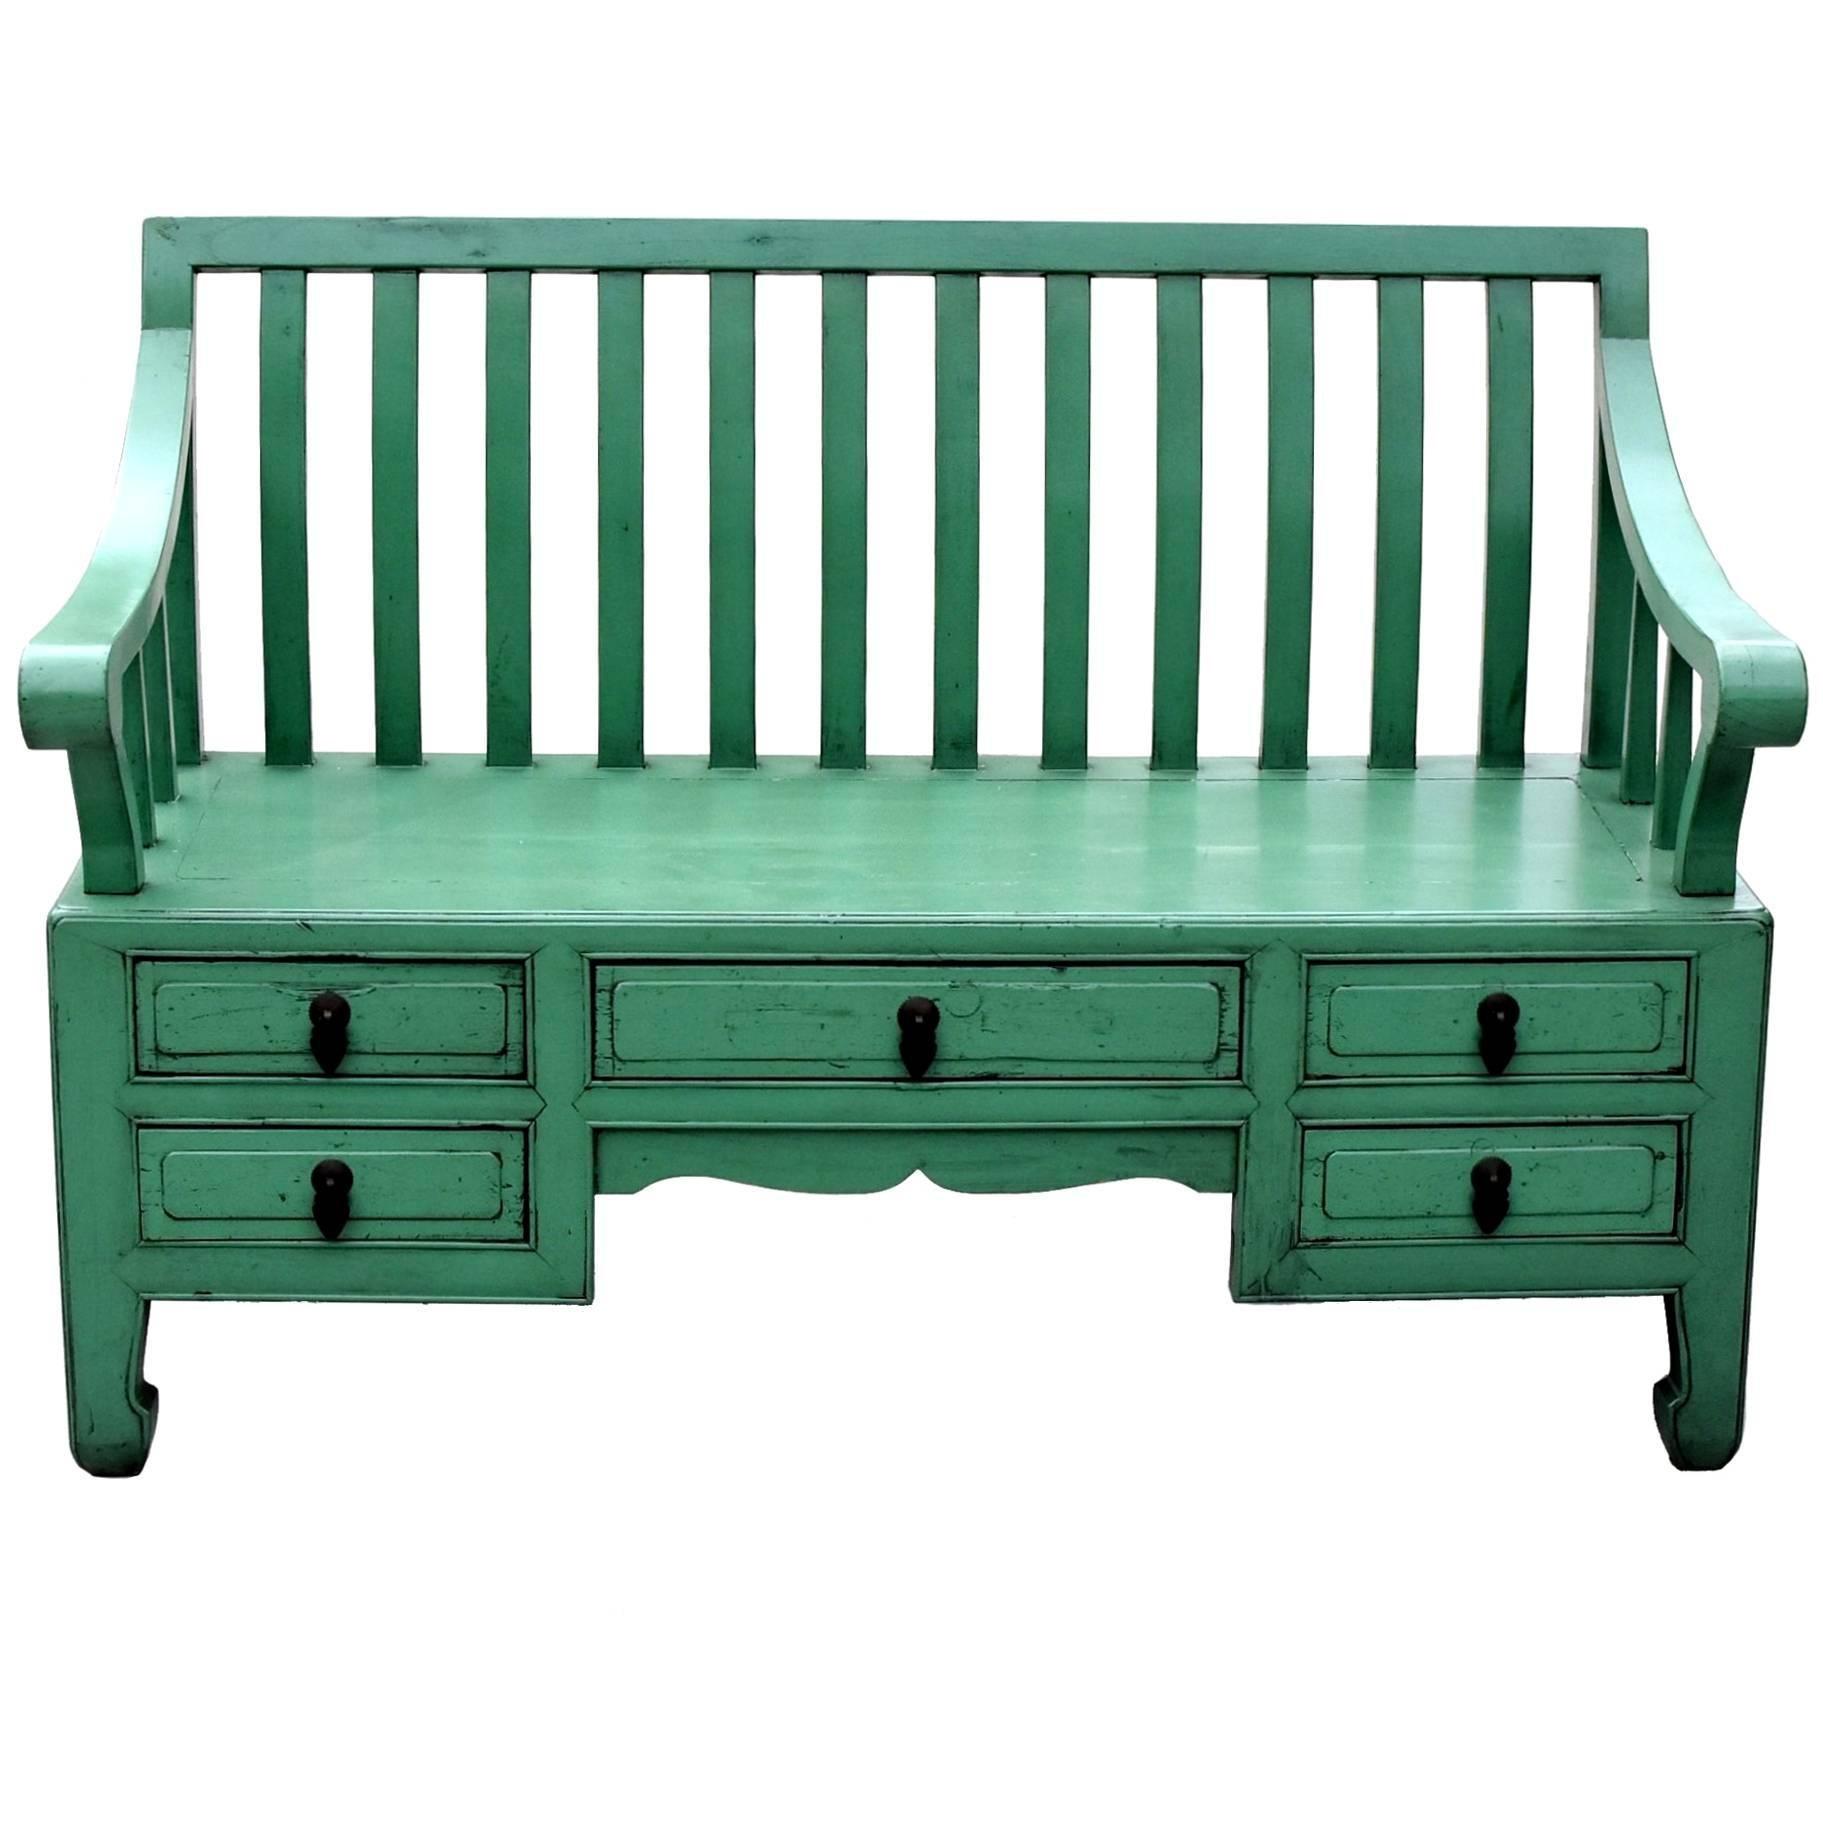 Green Asian Bench Settee